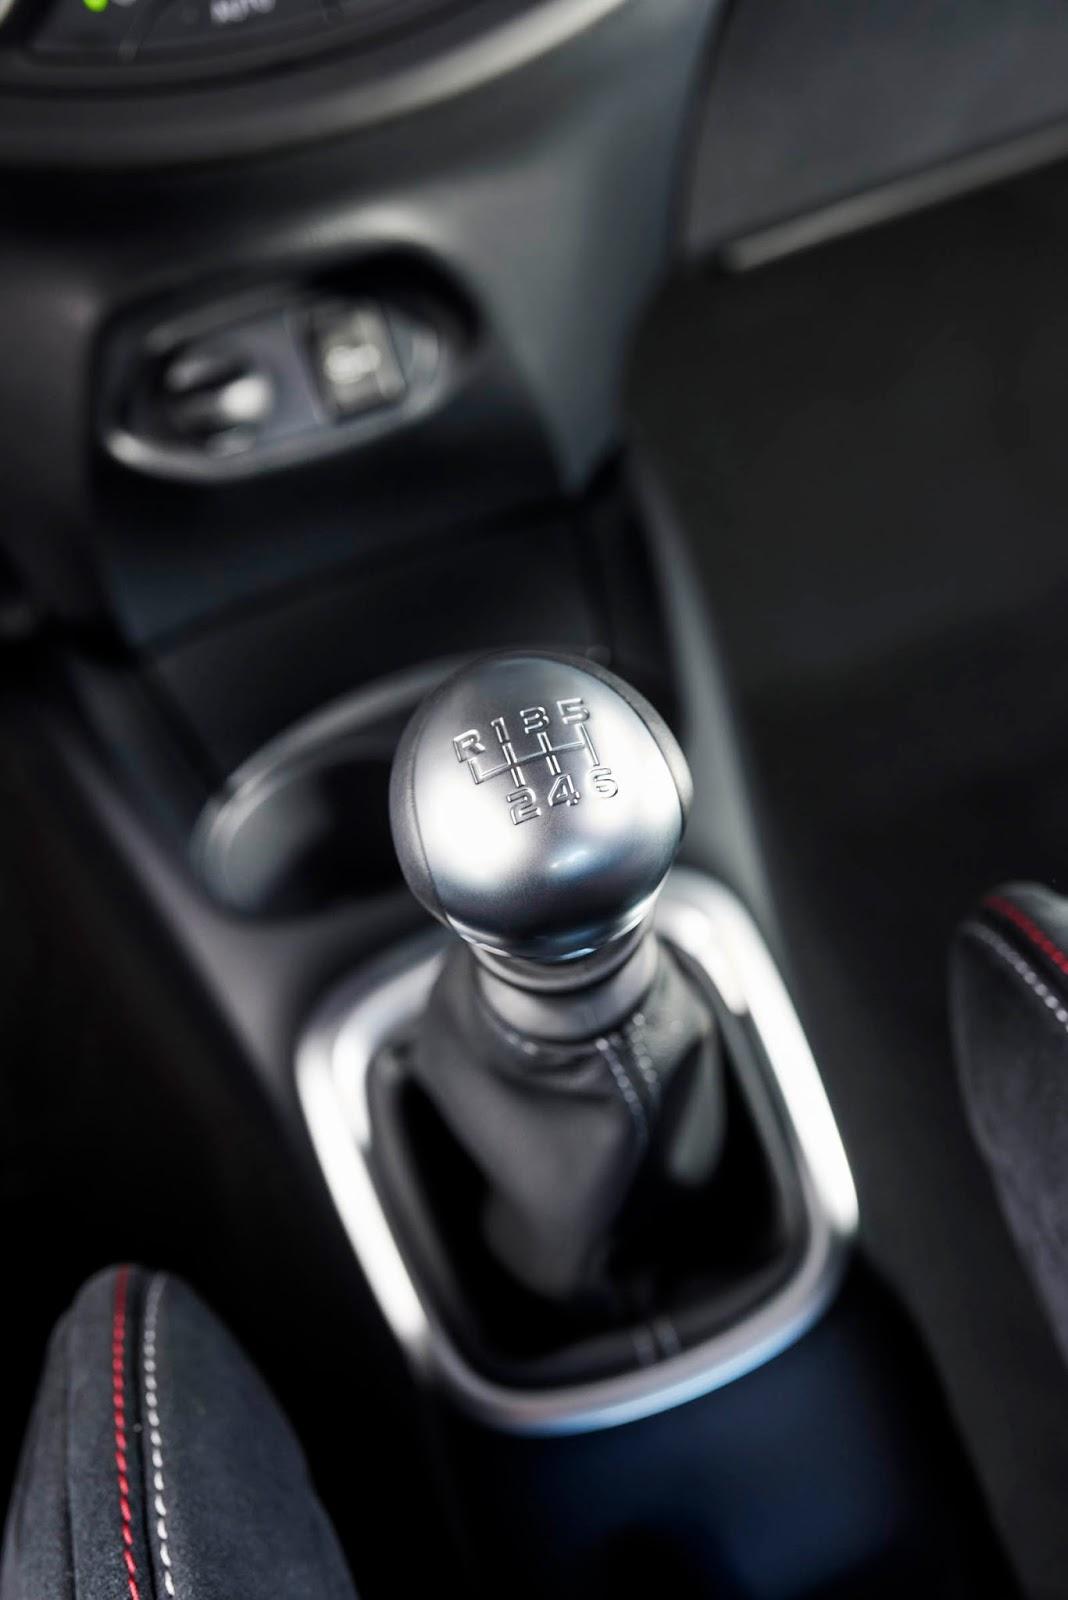 Toyota Yaris GRMN (25)